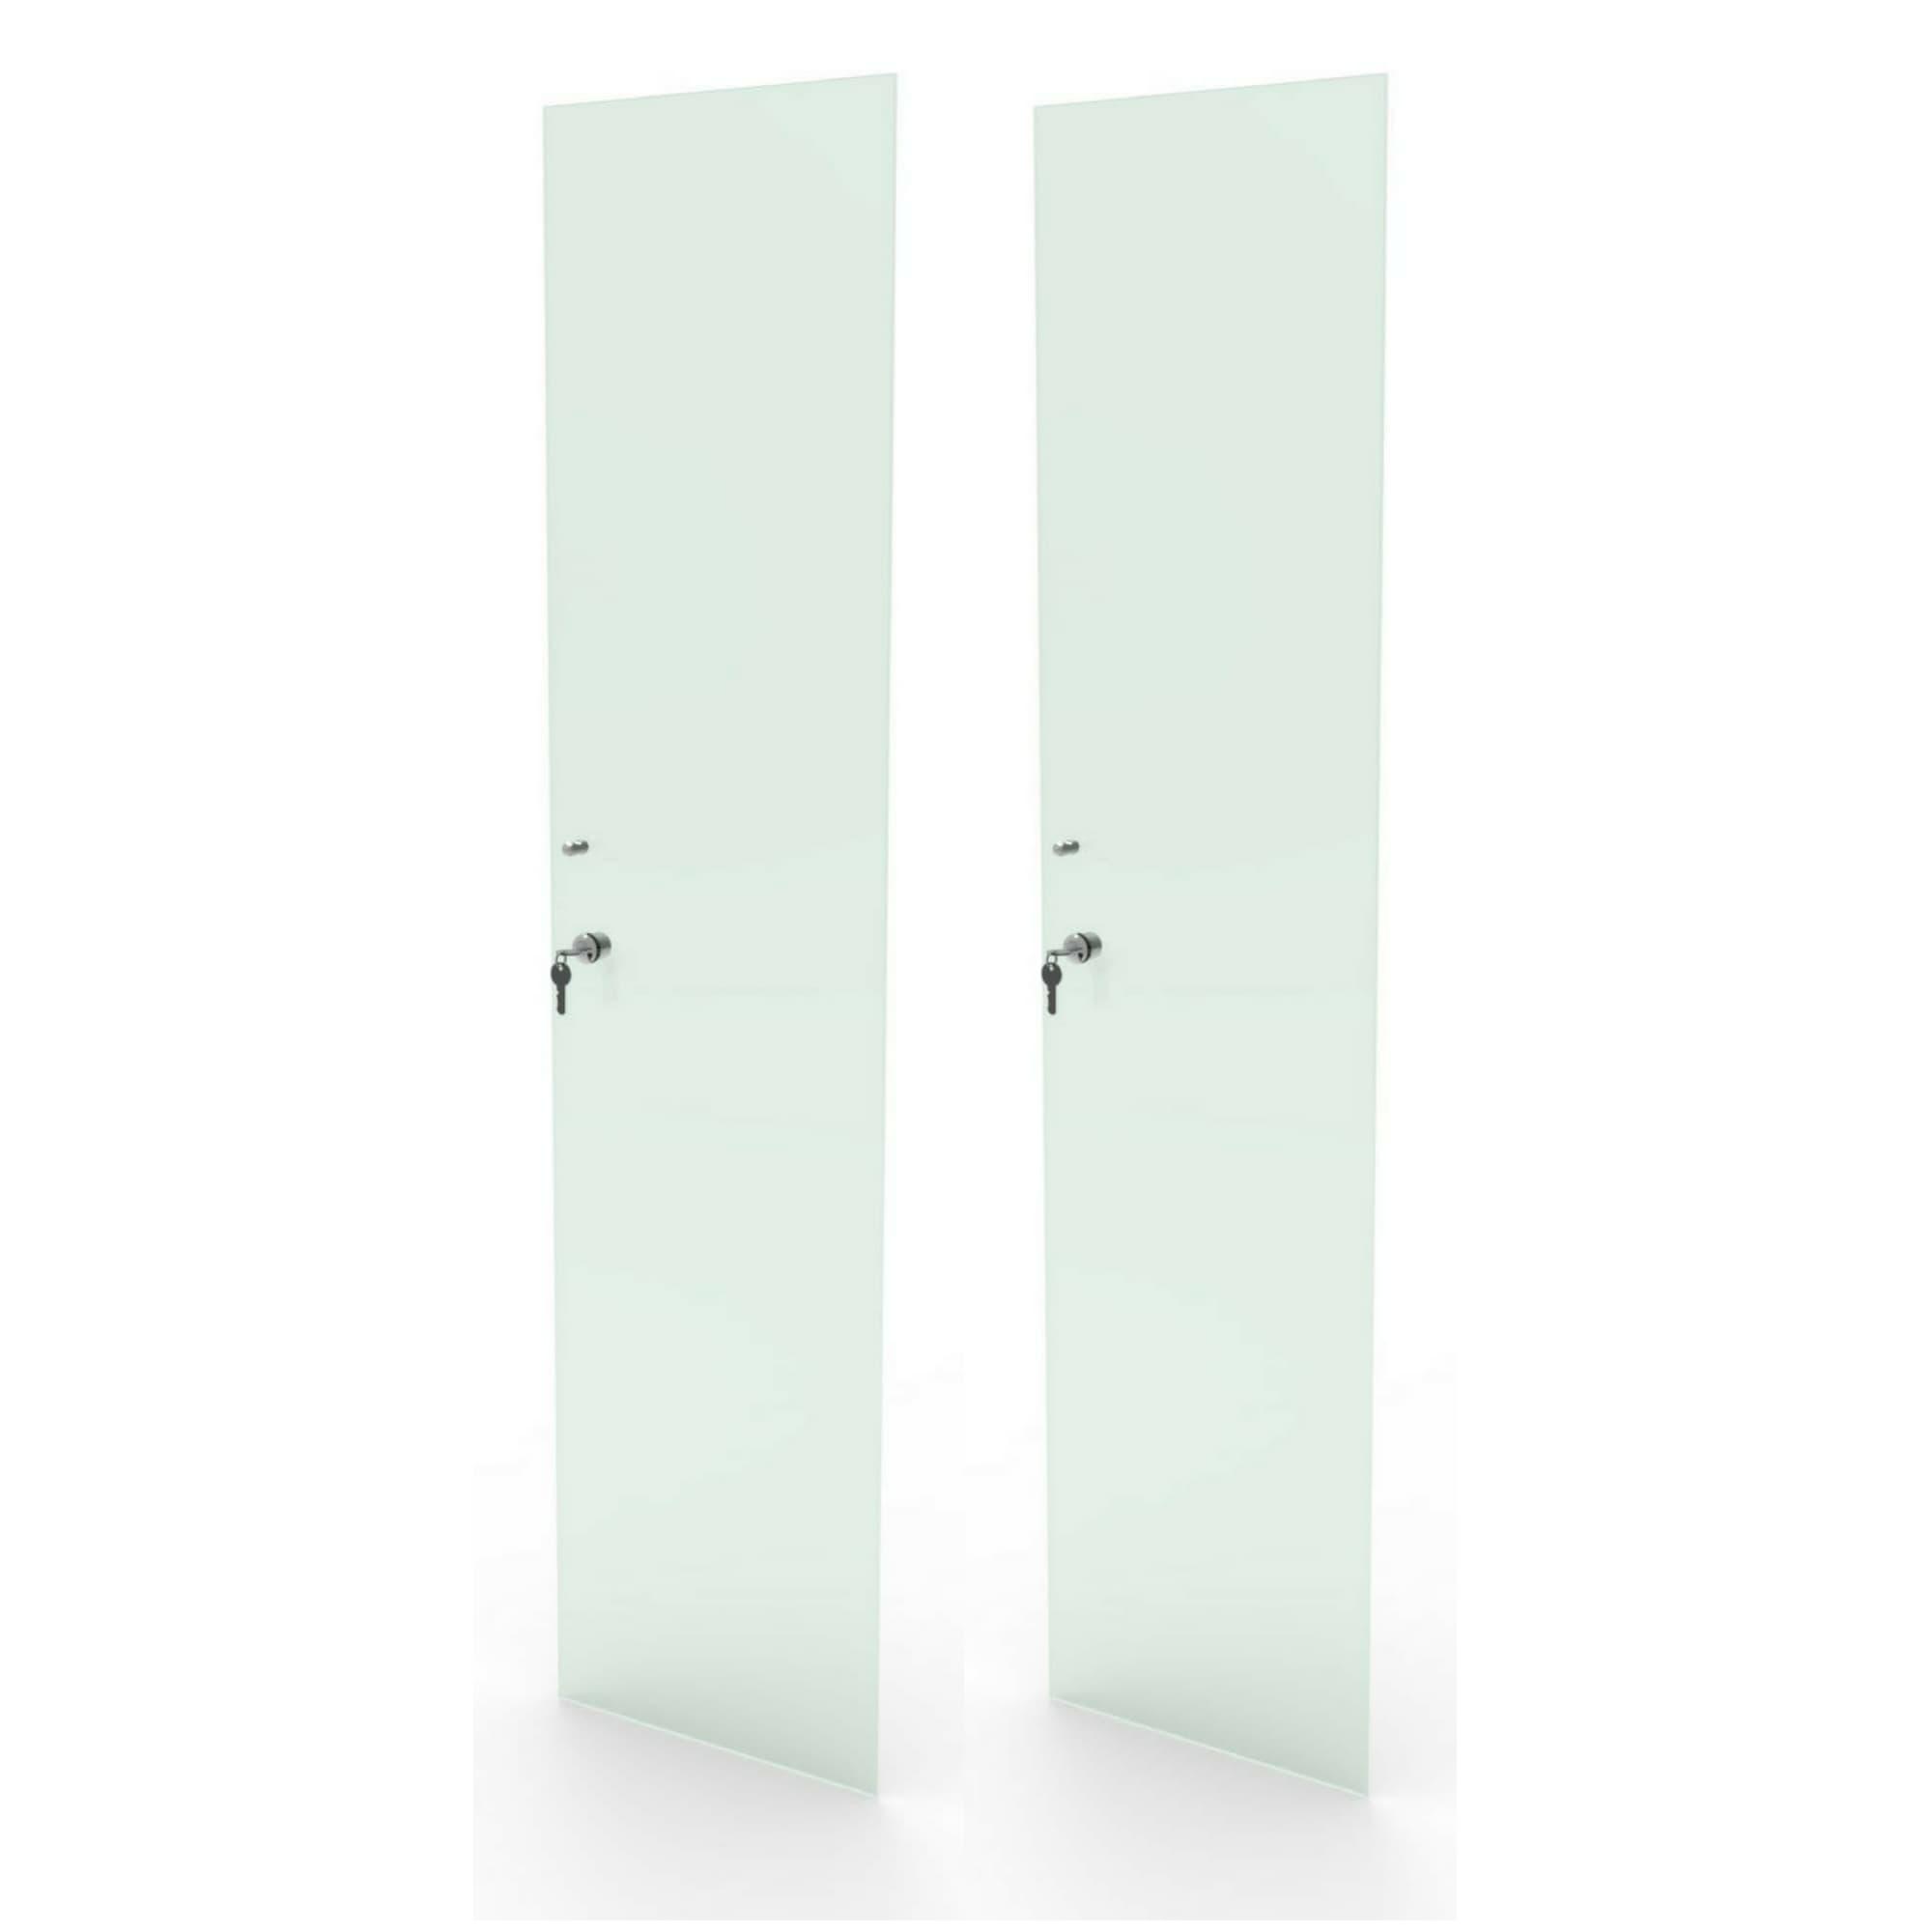 Kit 2 portas de vidro incolor com chave para estante CD e DV Bürohaus